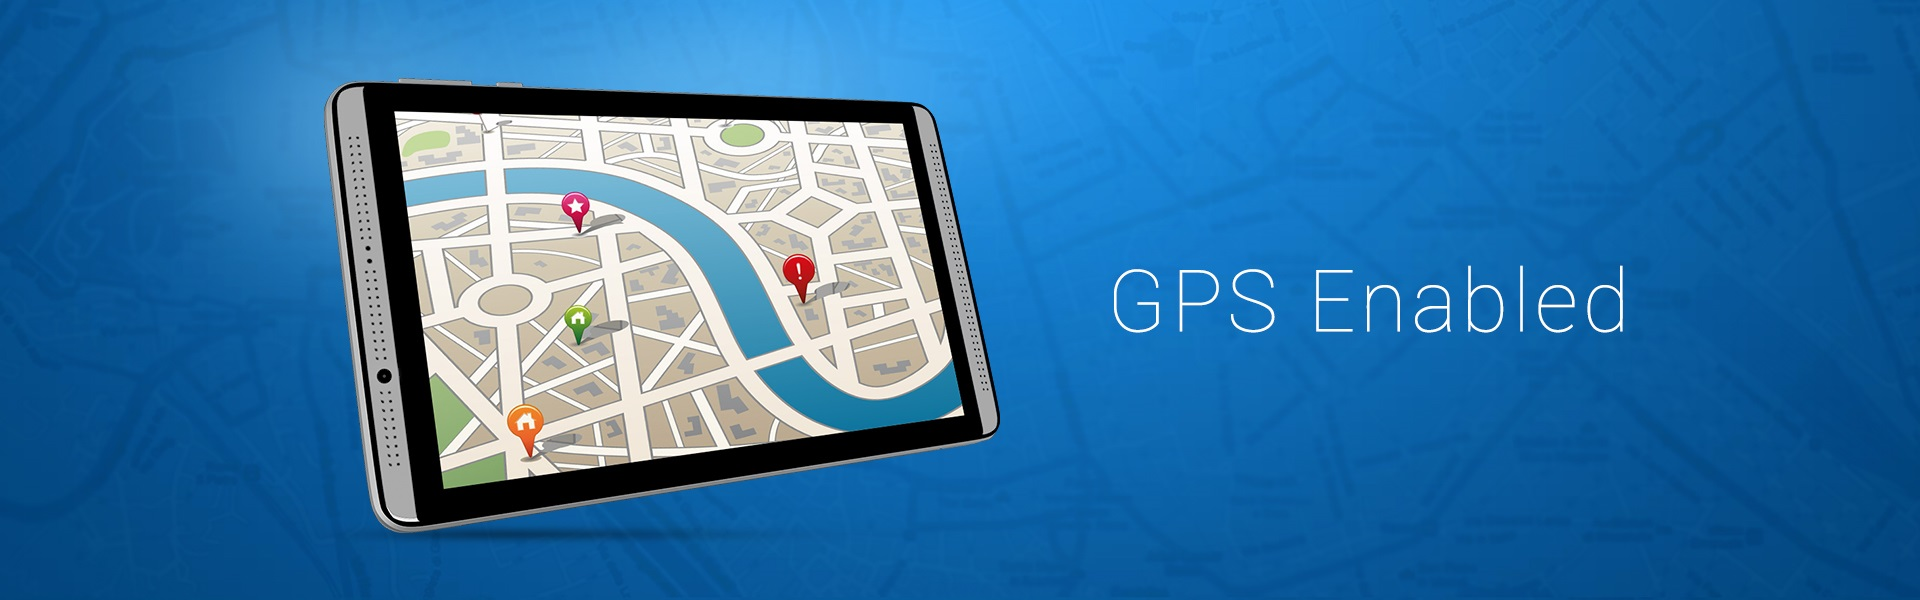 X7-GPS